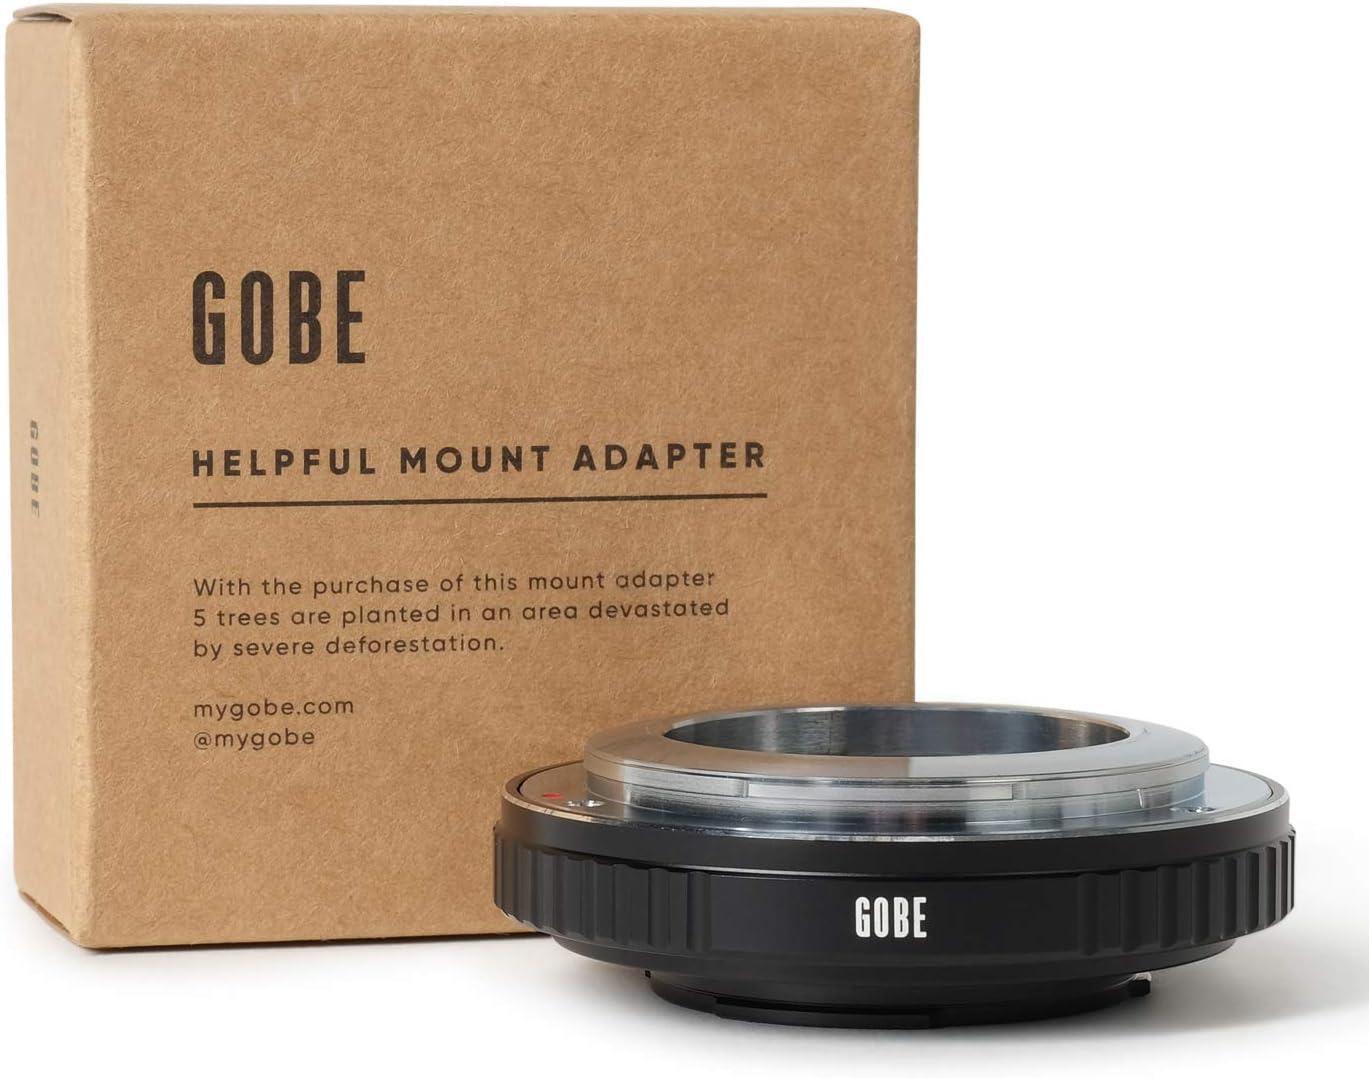 compatibile con lente con lentetax G e corpo fotocamera Nikon Z Urth x Gobe Adattatore di montaggio lente